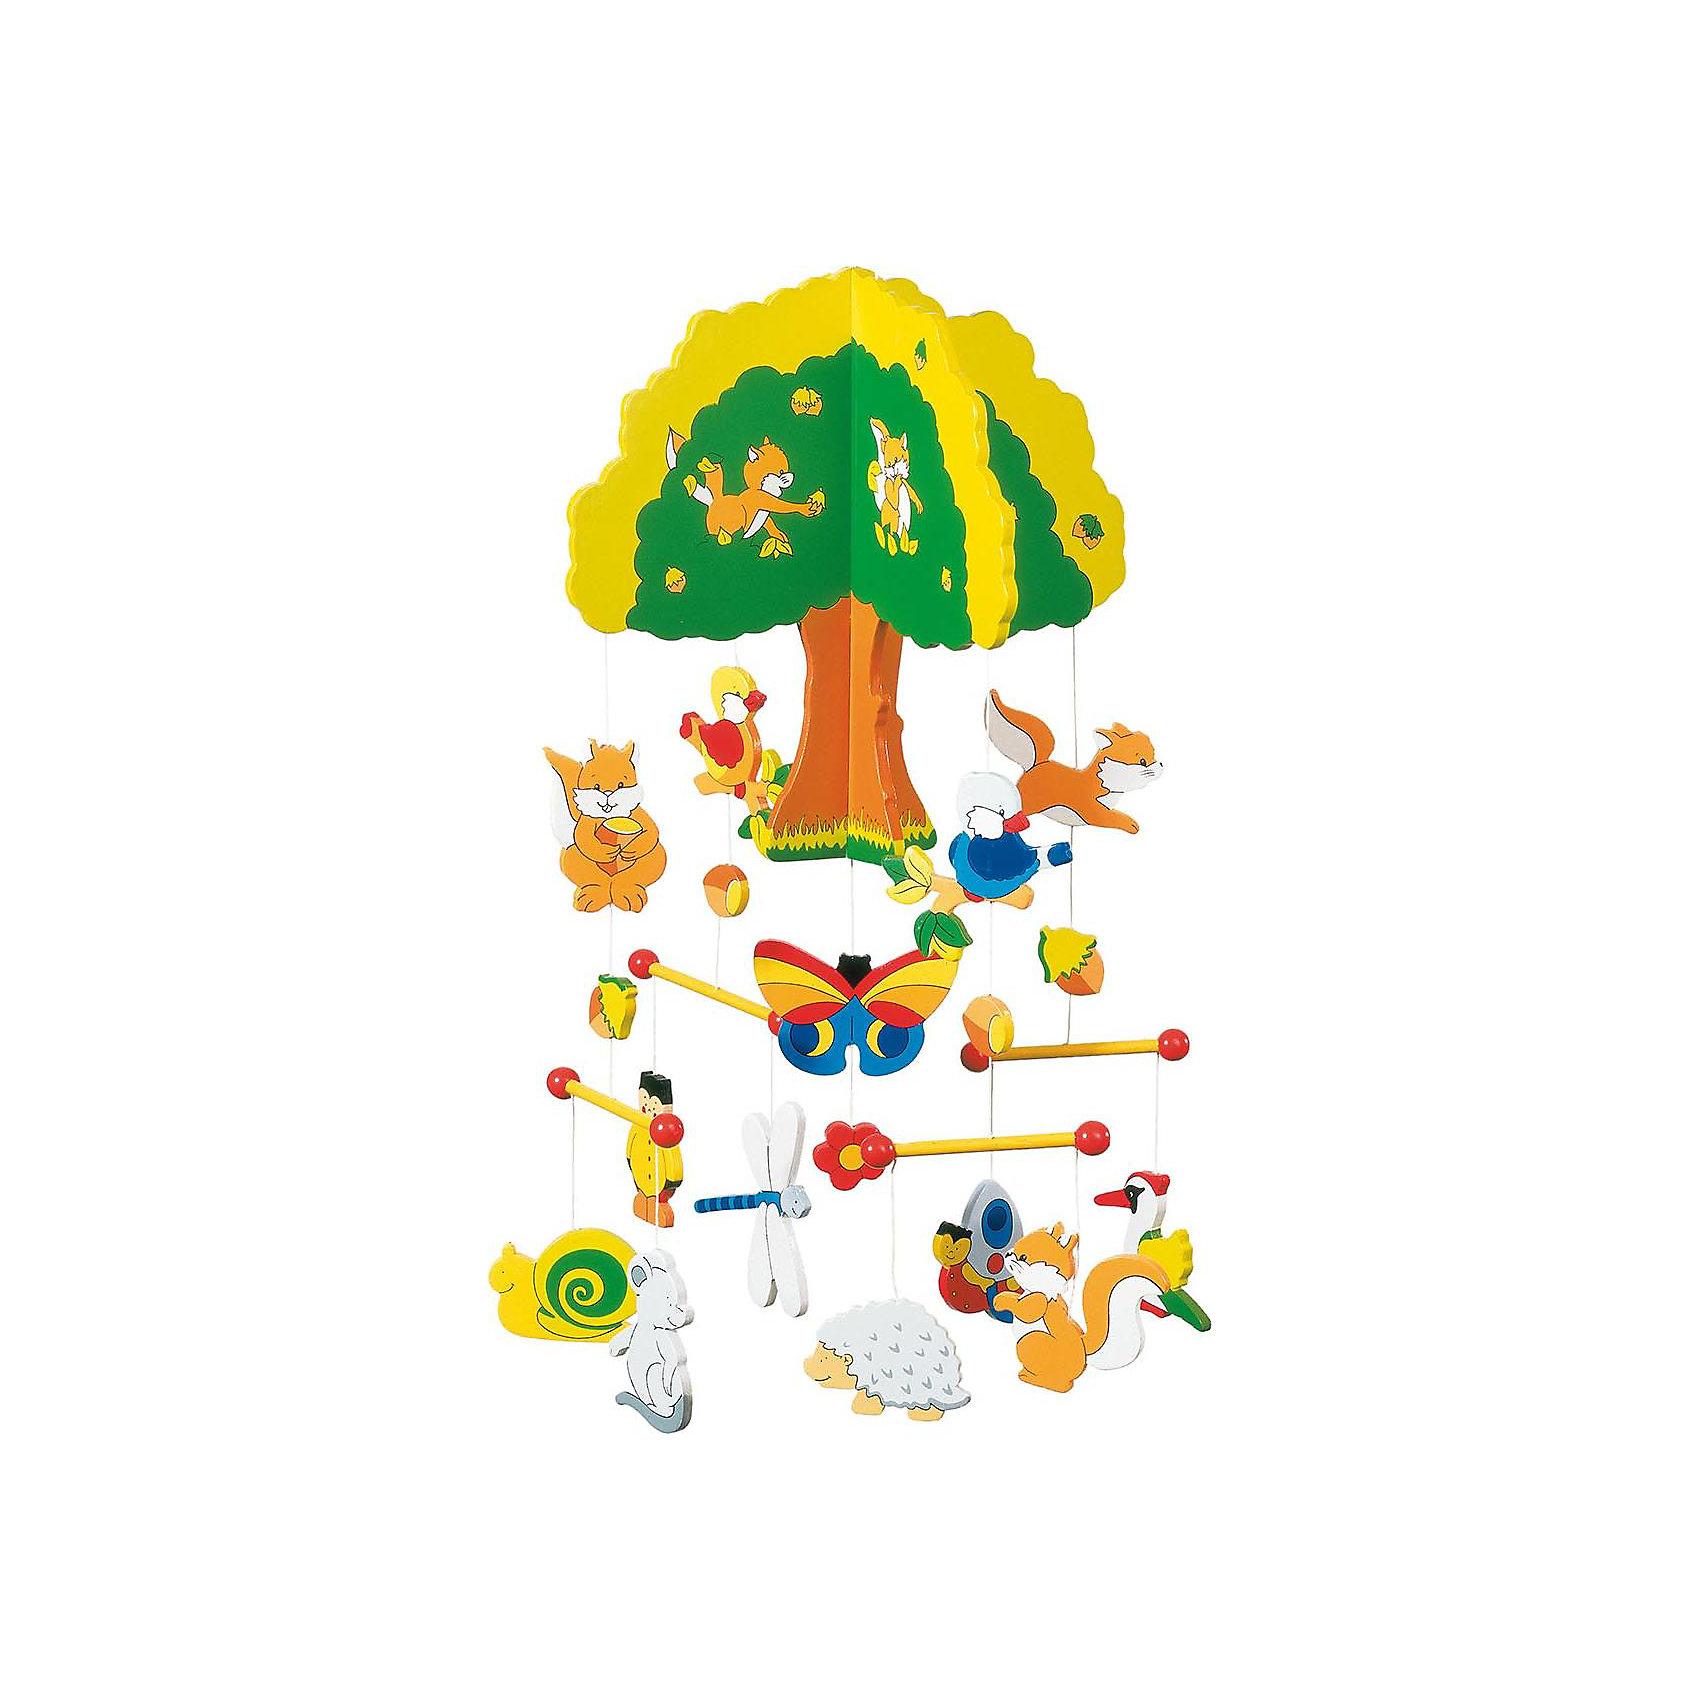 Мобиле Дерево, gokiНа тонких лесках подвешены фигурки из дерева. Этот  мобиле откроет окошко в чудесный и радостный мир из комнаты новорожденного.<br><br>Ширина мм: 294<br>Глубина мм: 269<br>Высота мм: 40<br>Вес г: 416<br>Возраст от месяцев: 0<br>Возраст до месяцев: 18<br>Пол: Унисекс<br>Возраст: Детский<br>SKU: 1939554